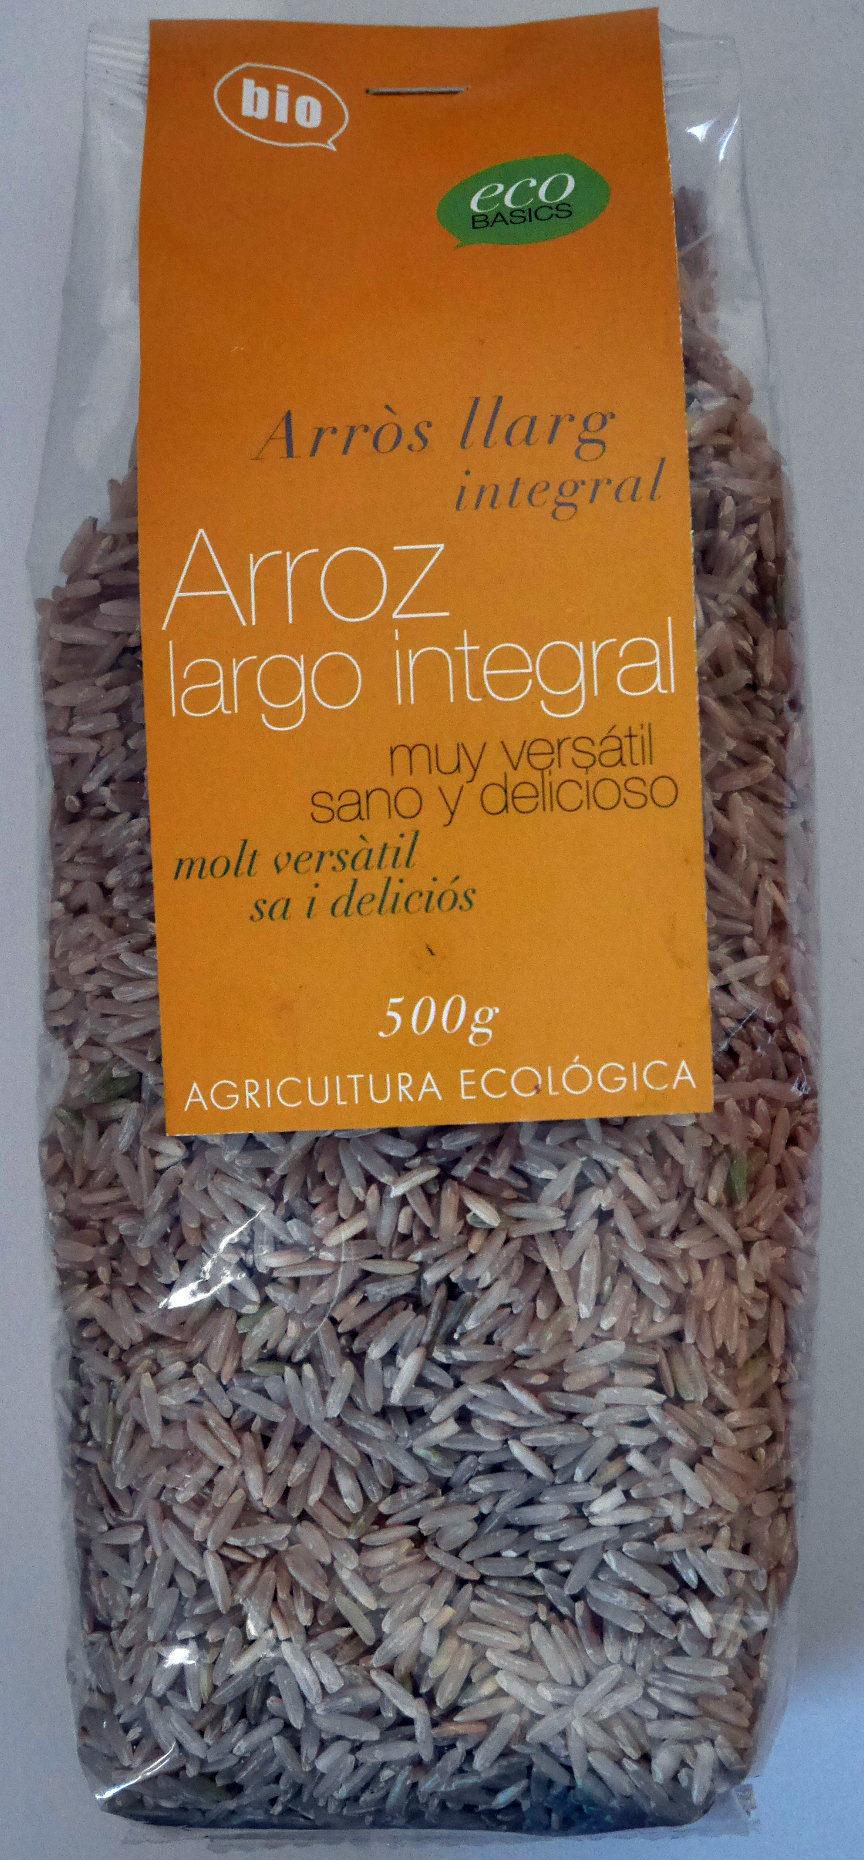 Arroz largo integral bio - Producto - es